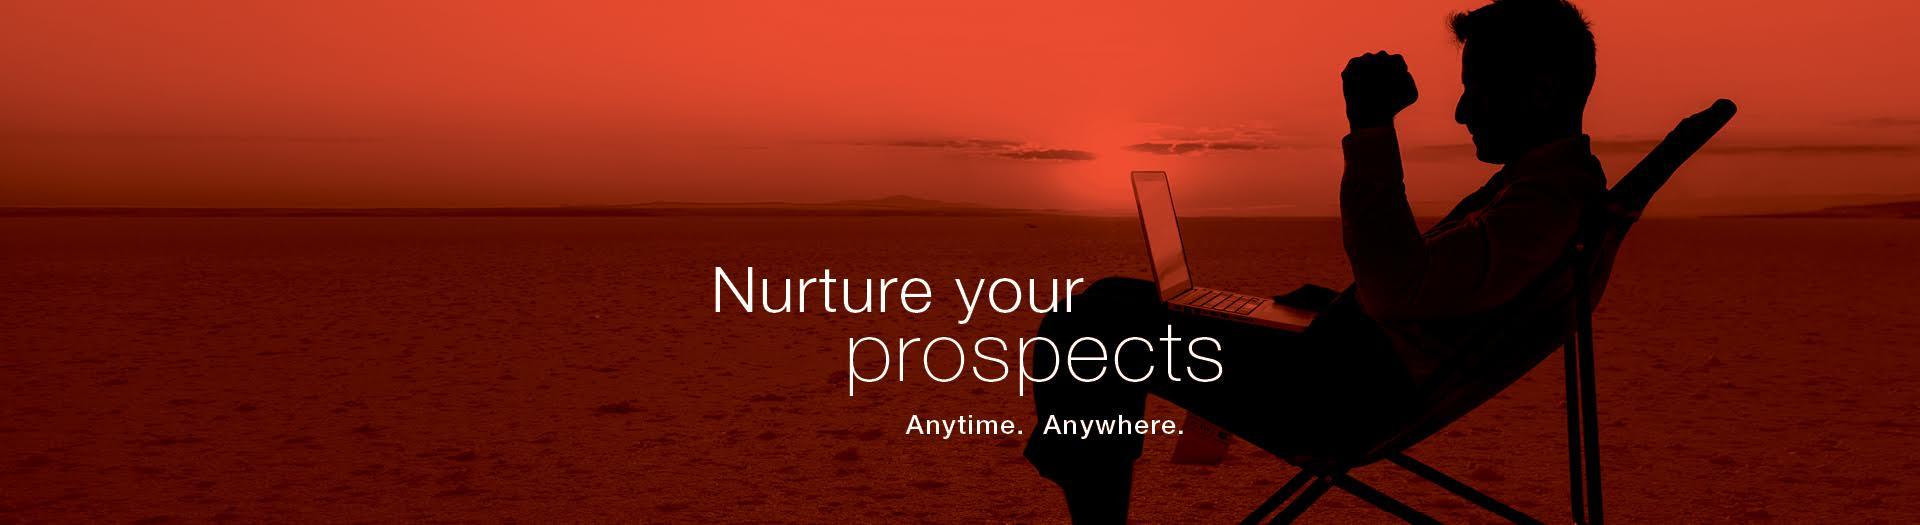 Nurture-your-prospects